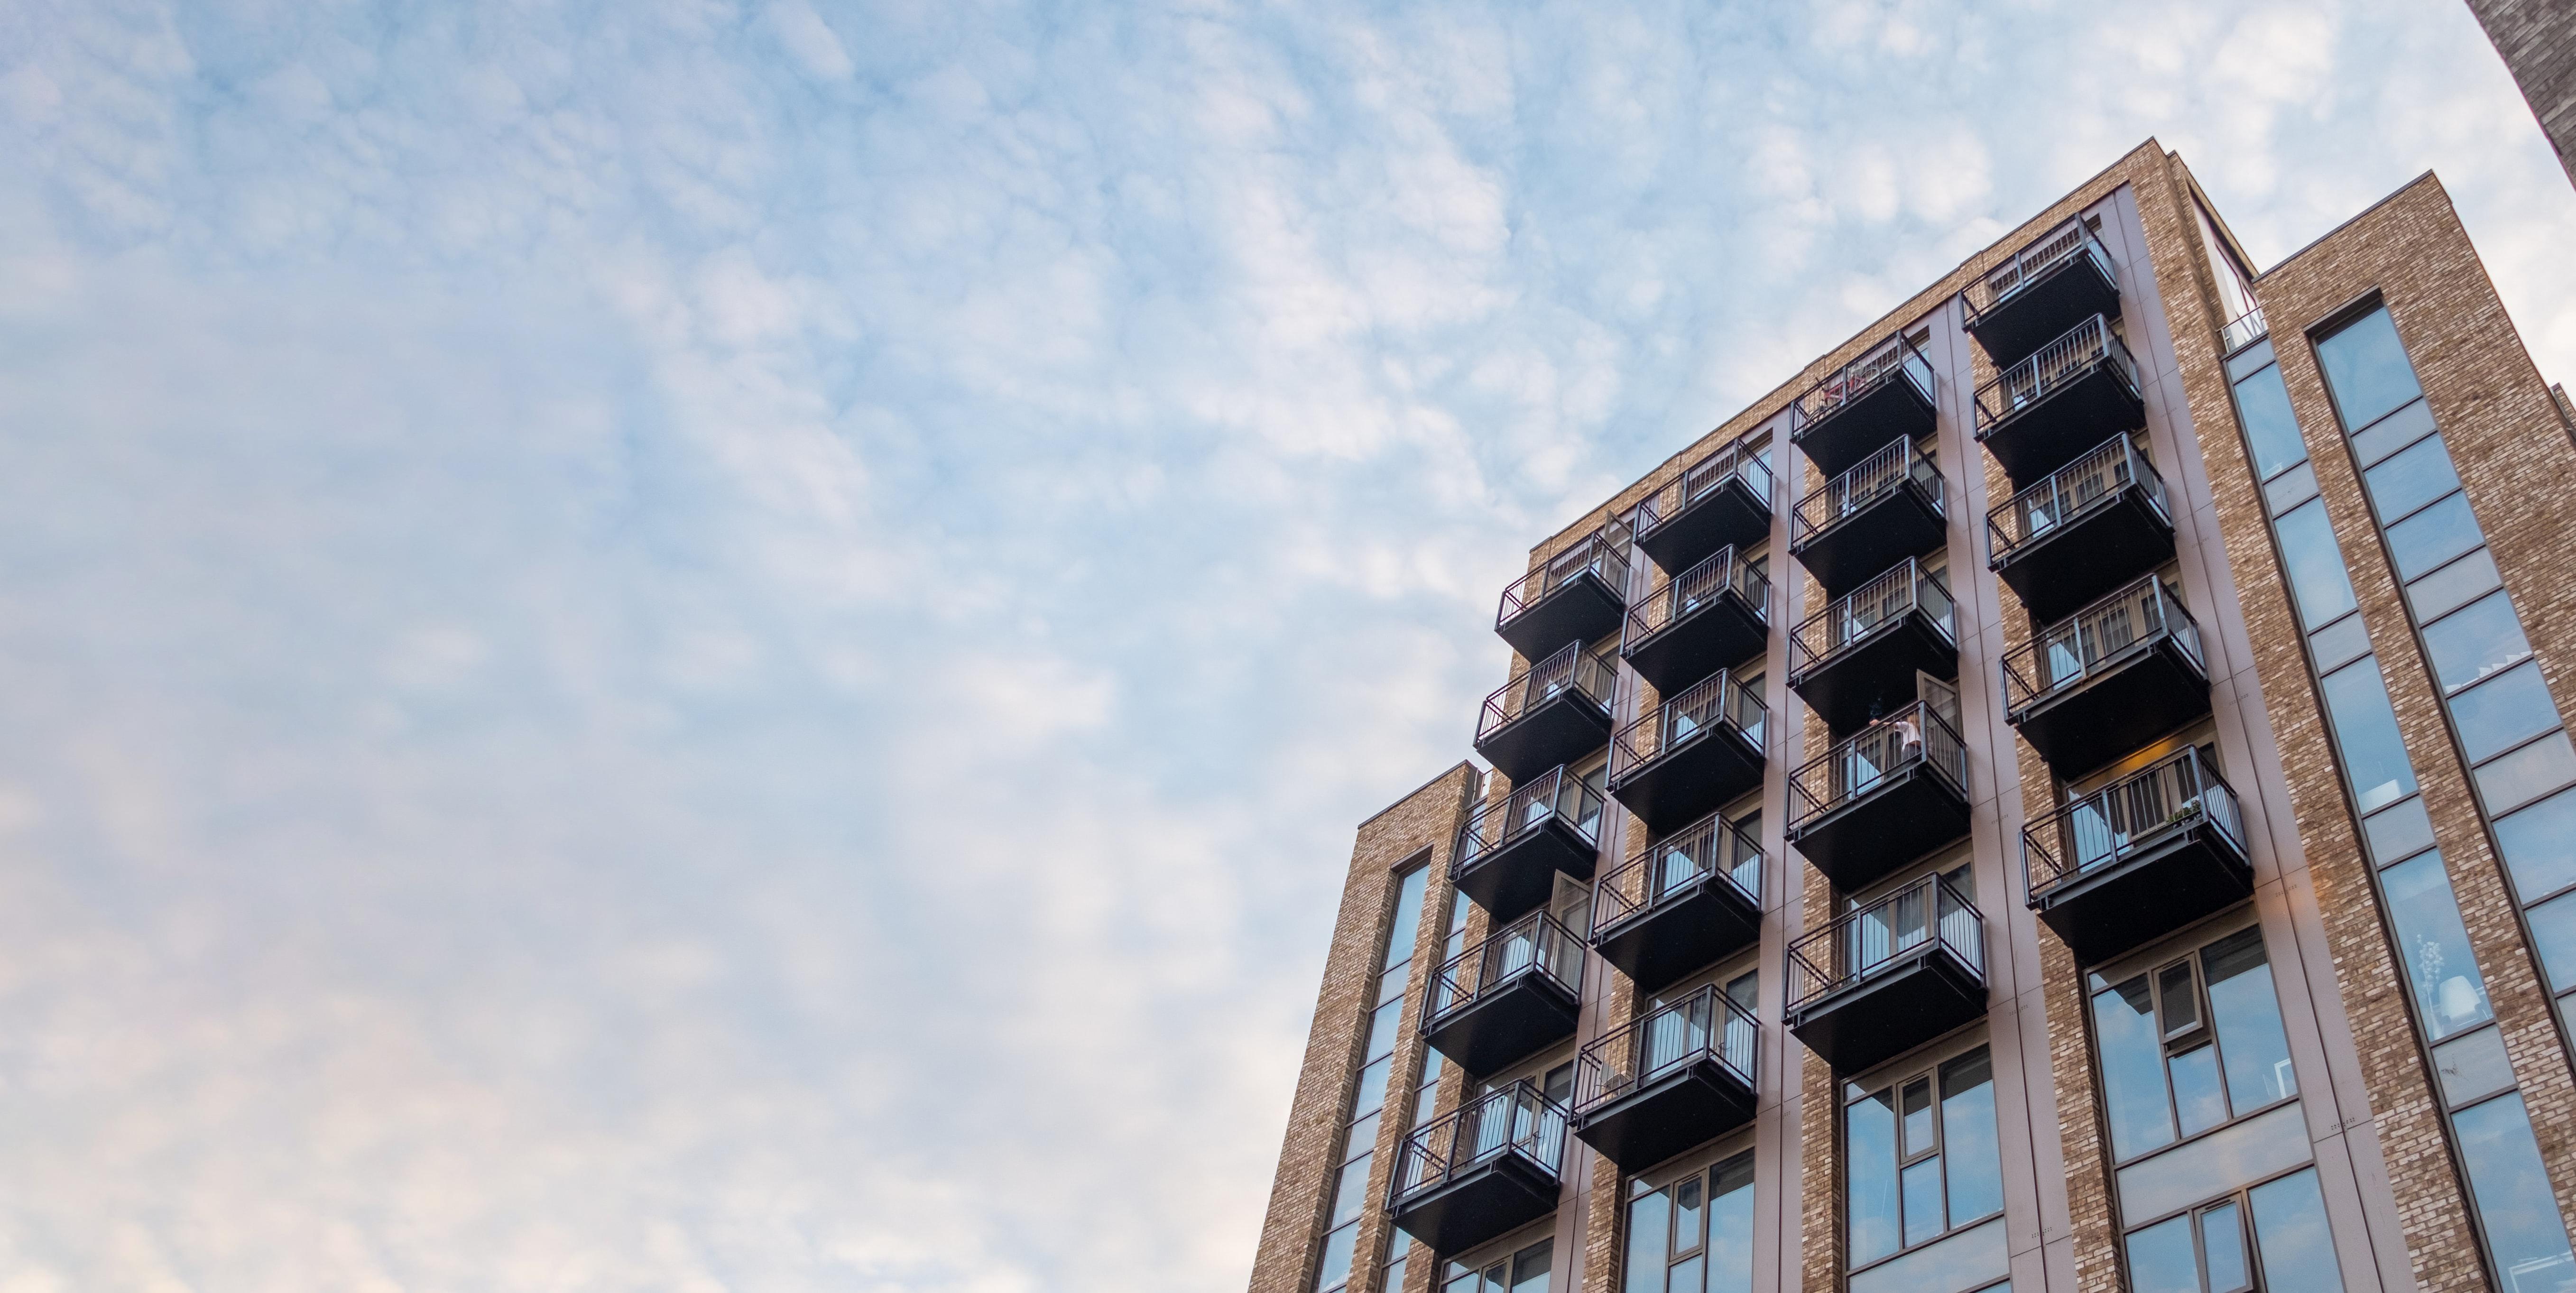 Modernes, sehr schickes Hochhaus mit Blick auf einen blauen Himmel mit ganz leichten Wolken